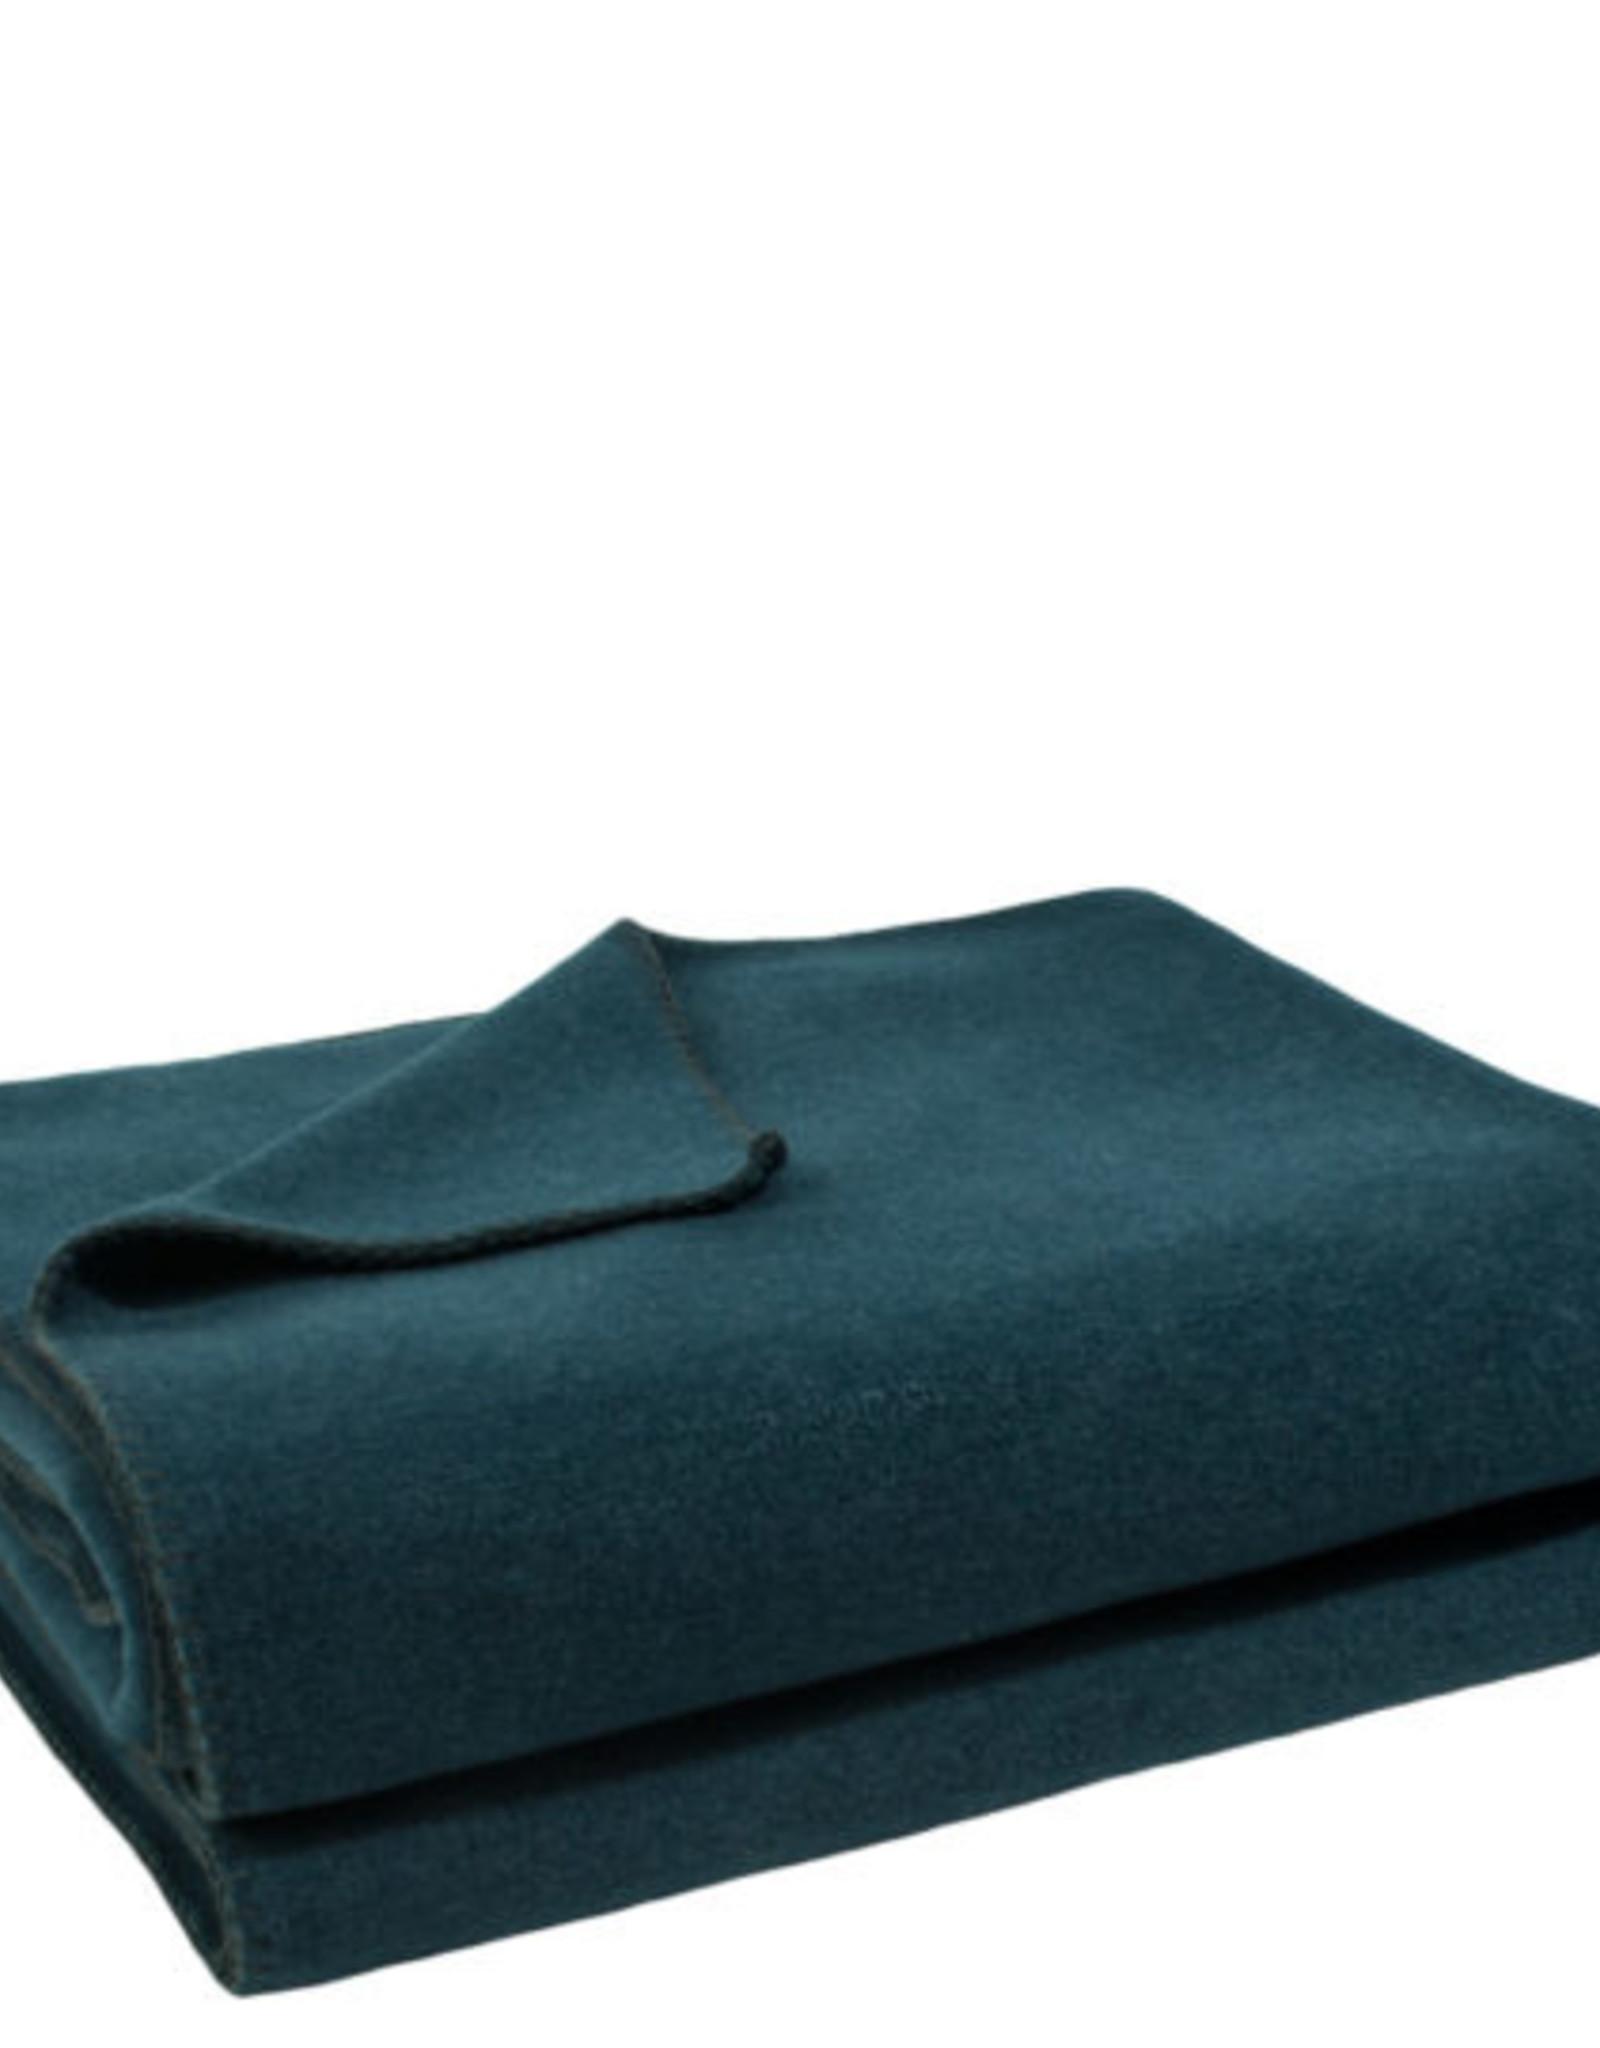 Zoeppritz Plaid Zoeppritz Soft Fleece, Dark Ocean, kleur 795